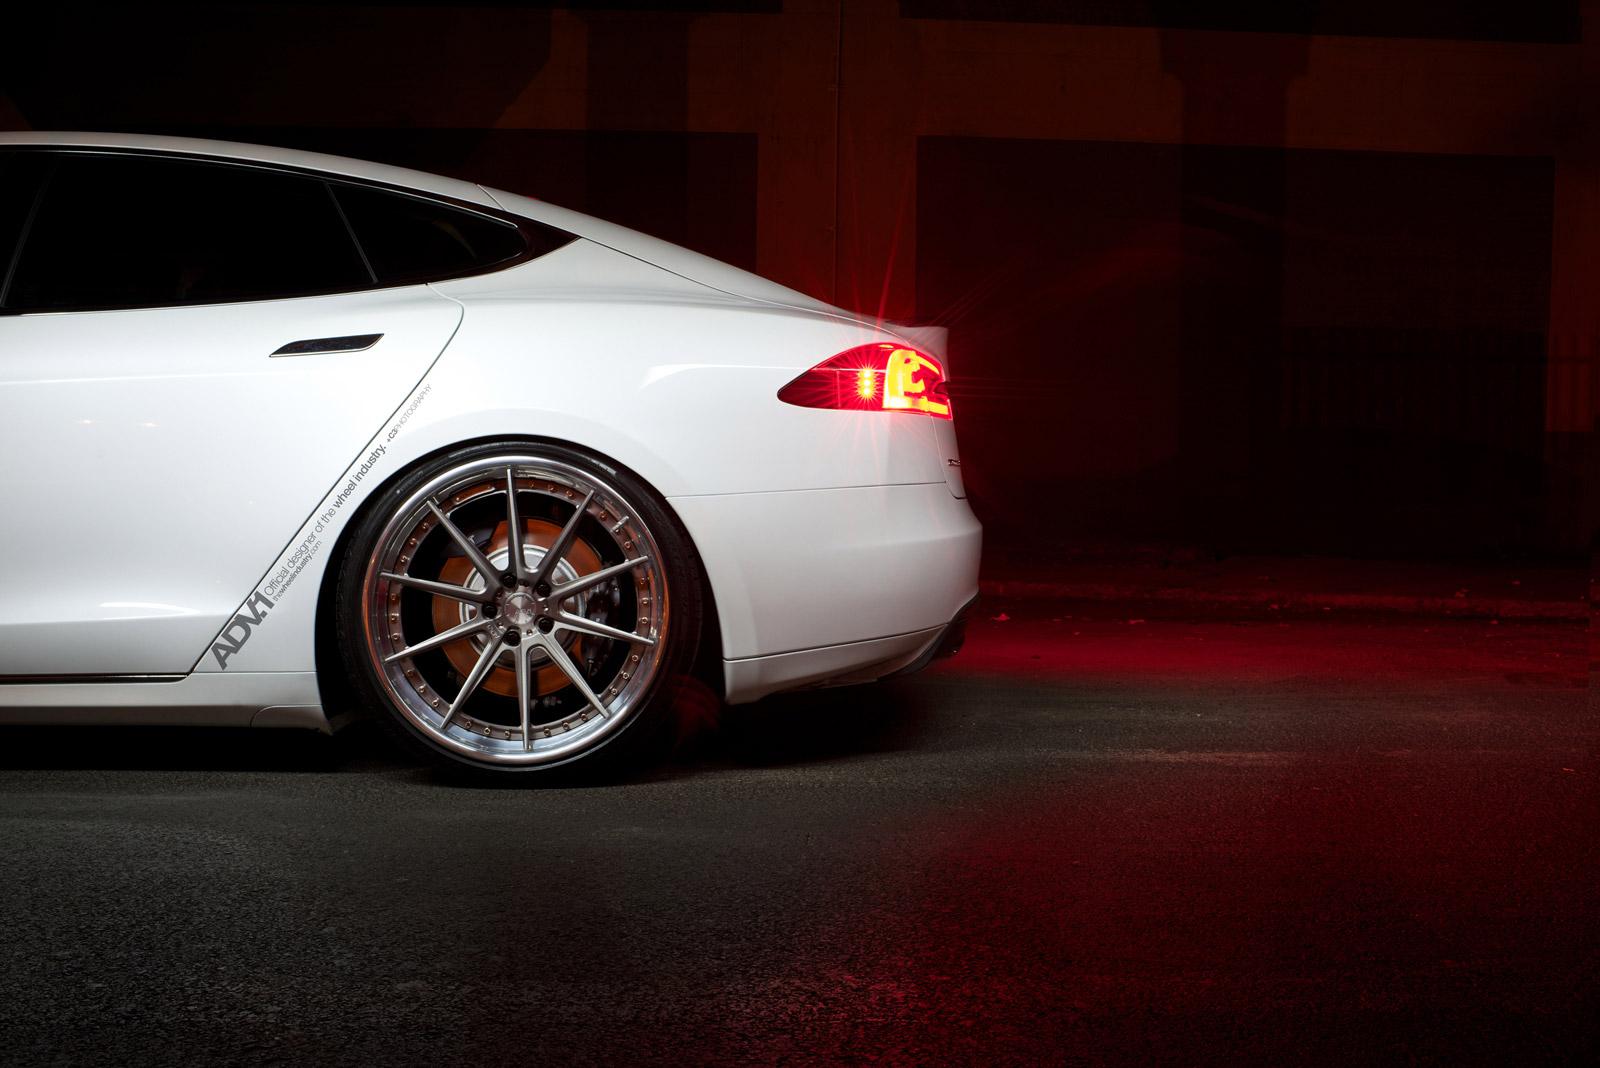 Tesla Model S ADV.1 Rear Aftermarket Wheel